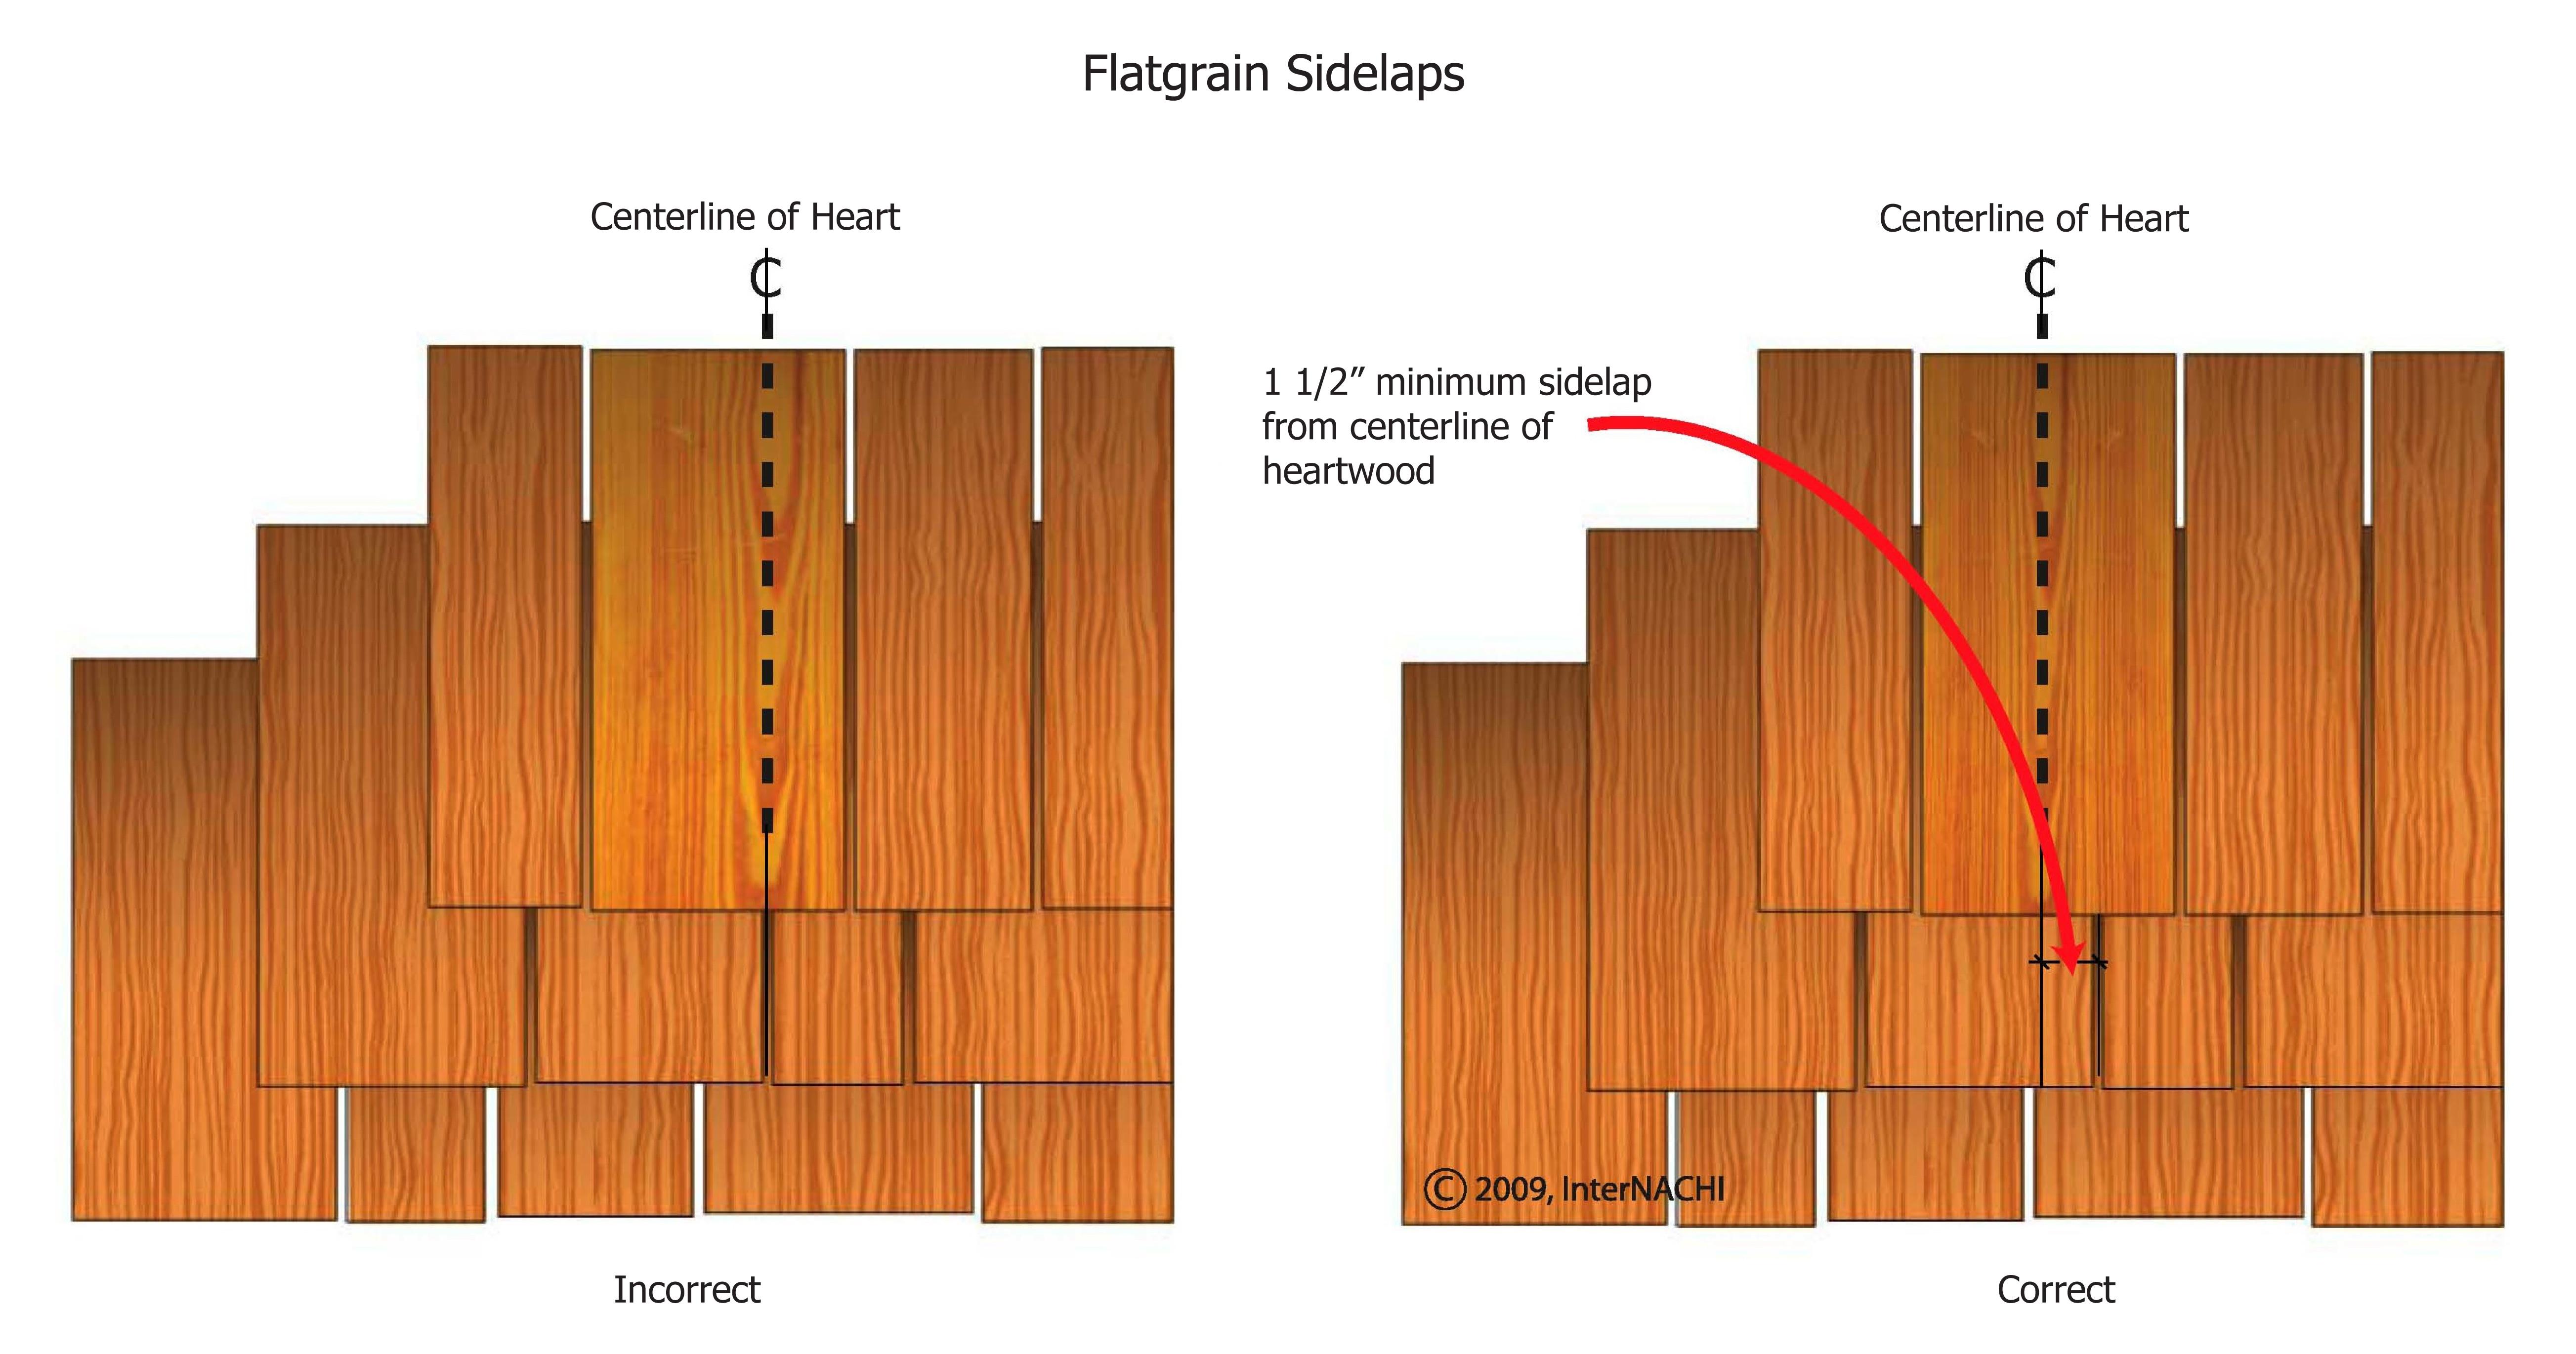 Flatgrain sidelaps.